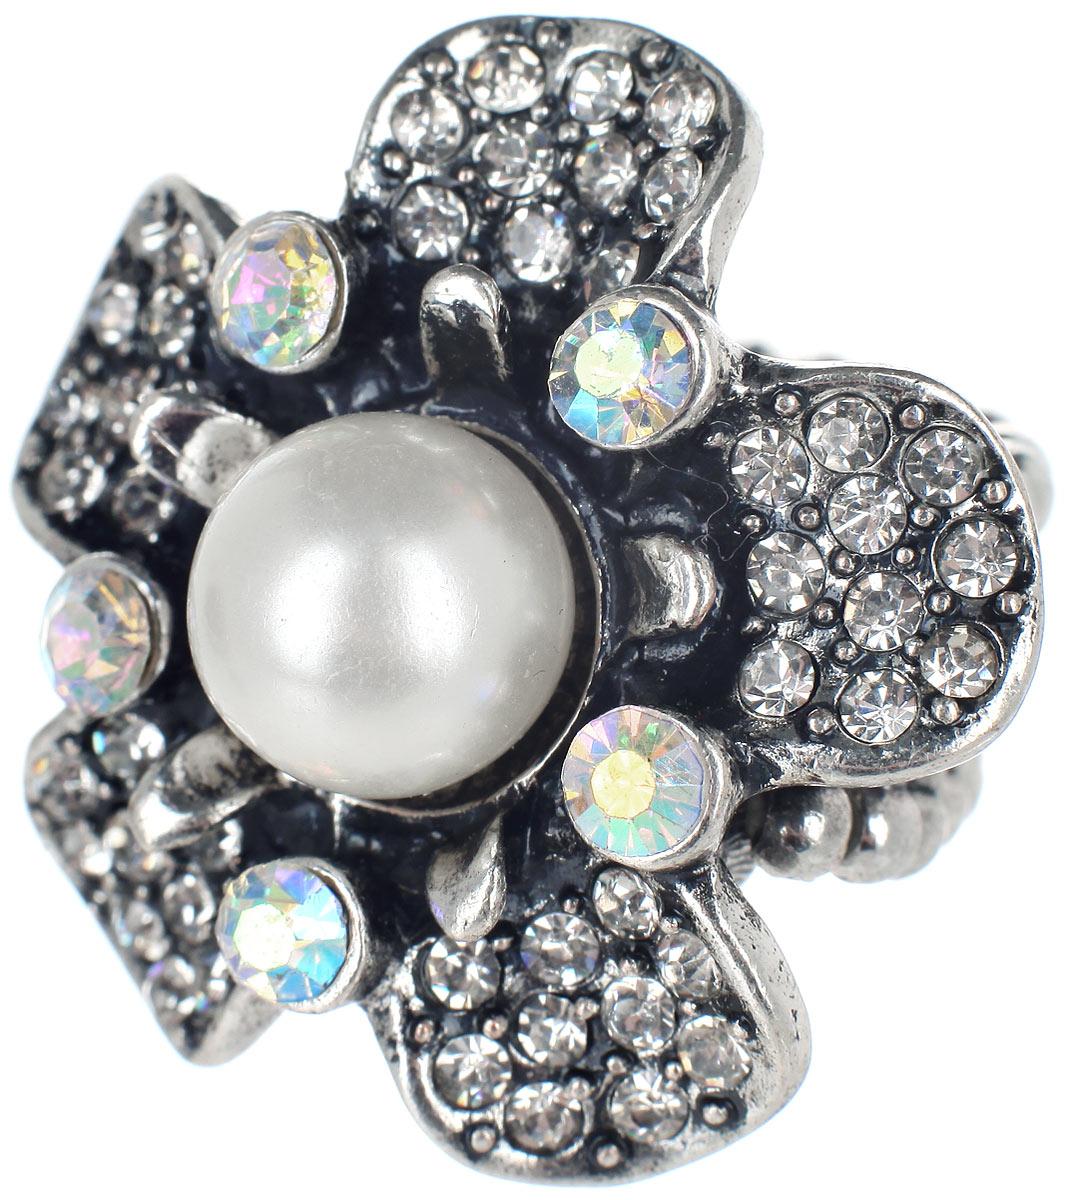 Кольцо Taya, цвет: серебристый, белый. T-B-7330T-B-7330-RING-SL.WHITEСтильное кольцо Taya, выполненное из металлического сплава в форме цветка, оформлено бусиной и стразами. Элементы кольца соединены между собой при помощи тонкой резинки, благодаря которой изделие имеет универсальный размер. Его легко снимать и надевать. Такое кольцо внесет изюминку в любой образ и подчеркнет индивидуальность.